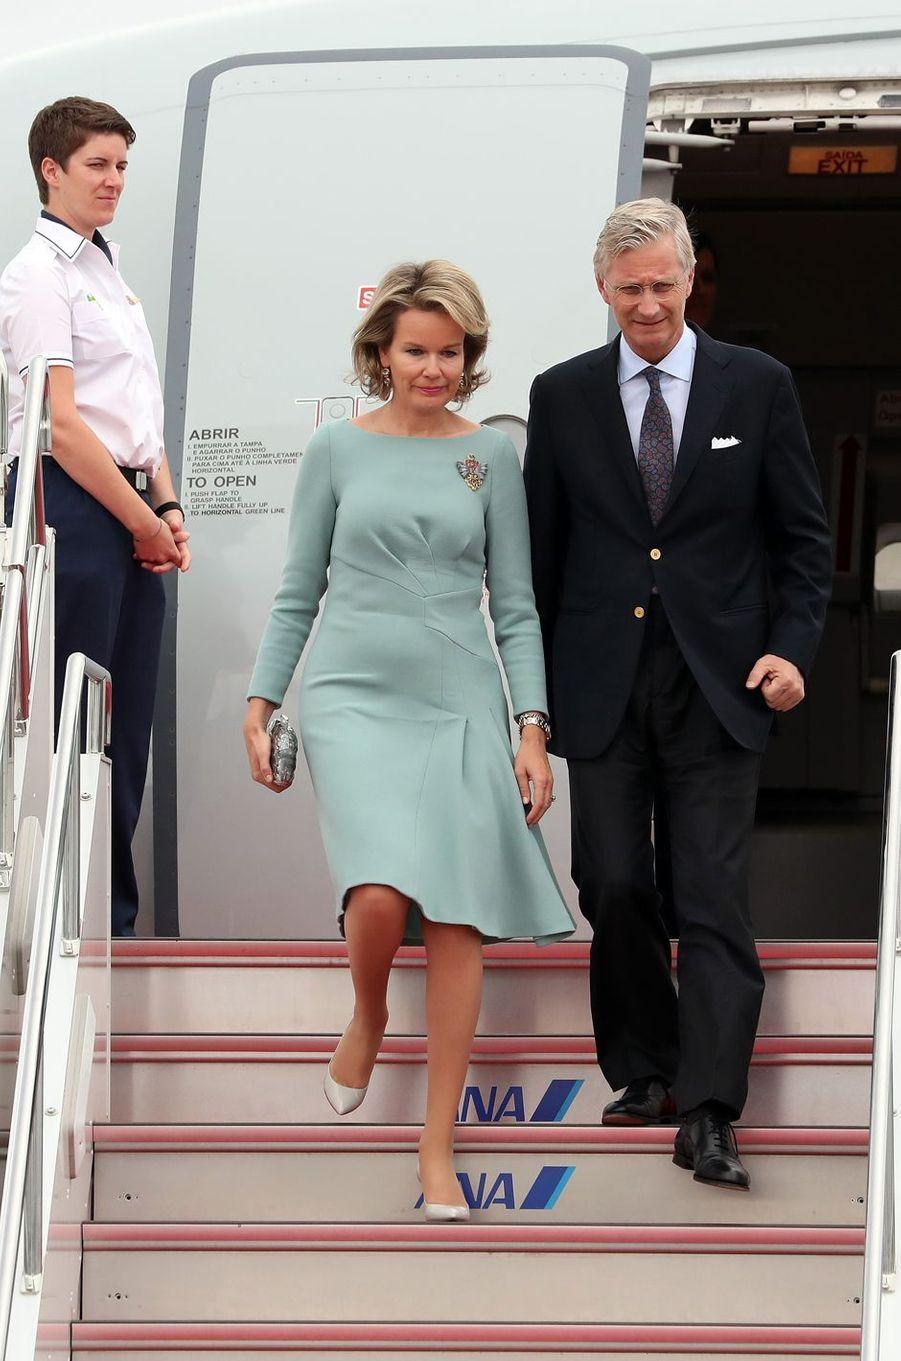 La reine Mathilde et le roi Philippe de Belgique arrivent à Tokyo, le 10 octobre 2016